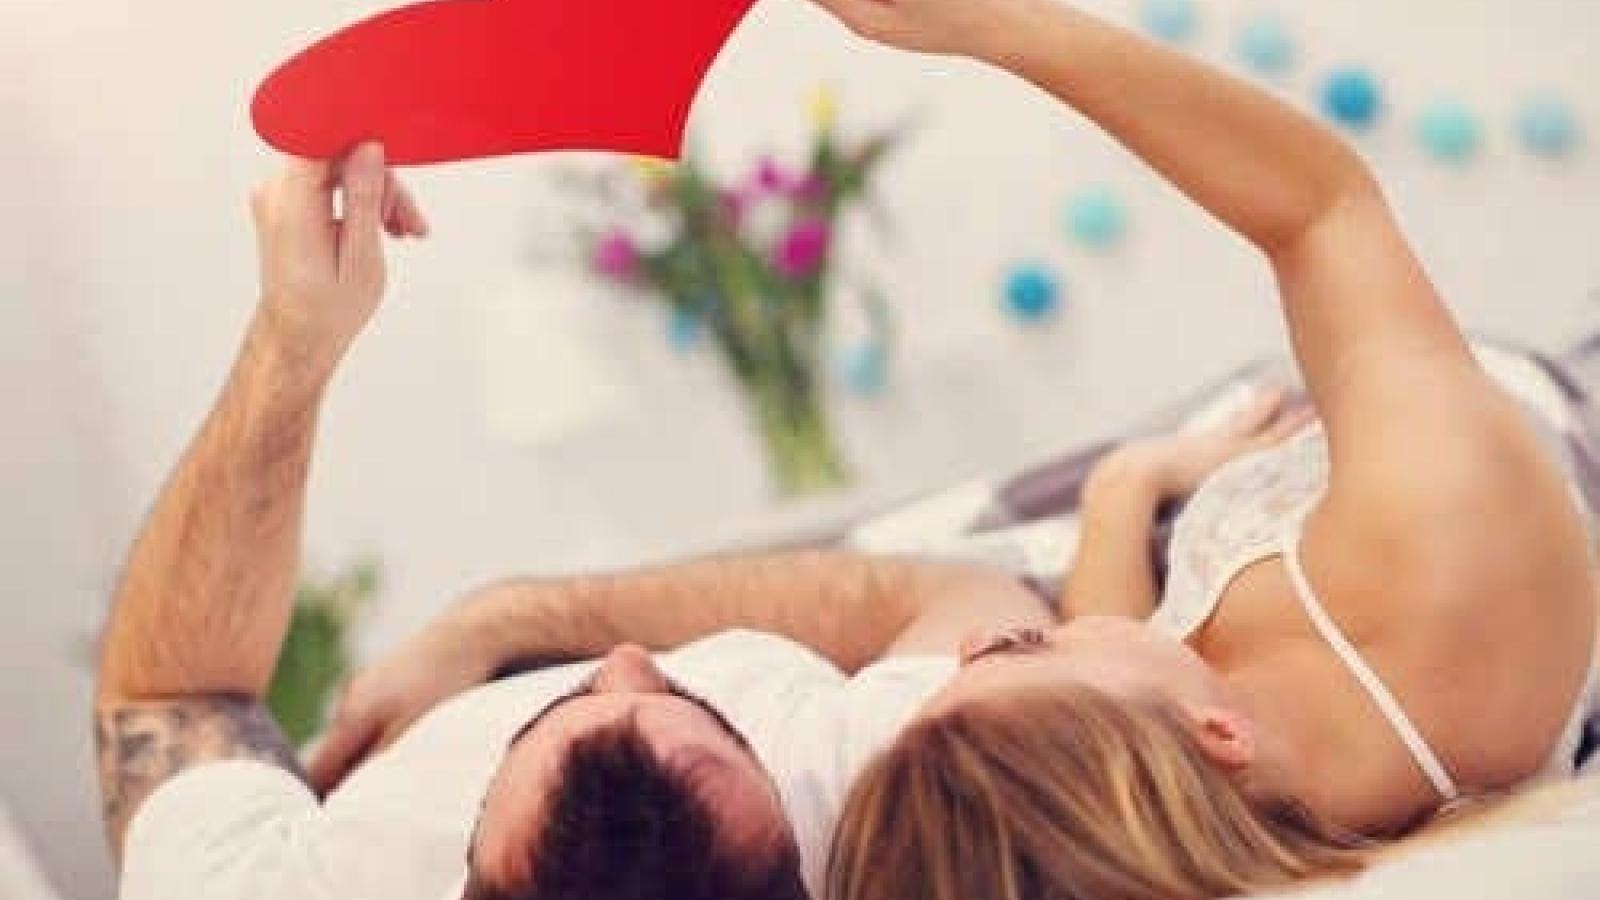 Quan hệ tình dục buổi sáng và những lợi ích không ngờ